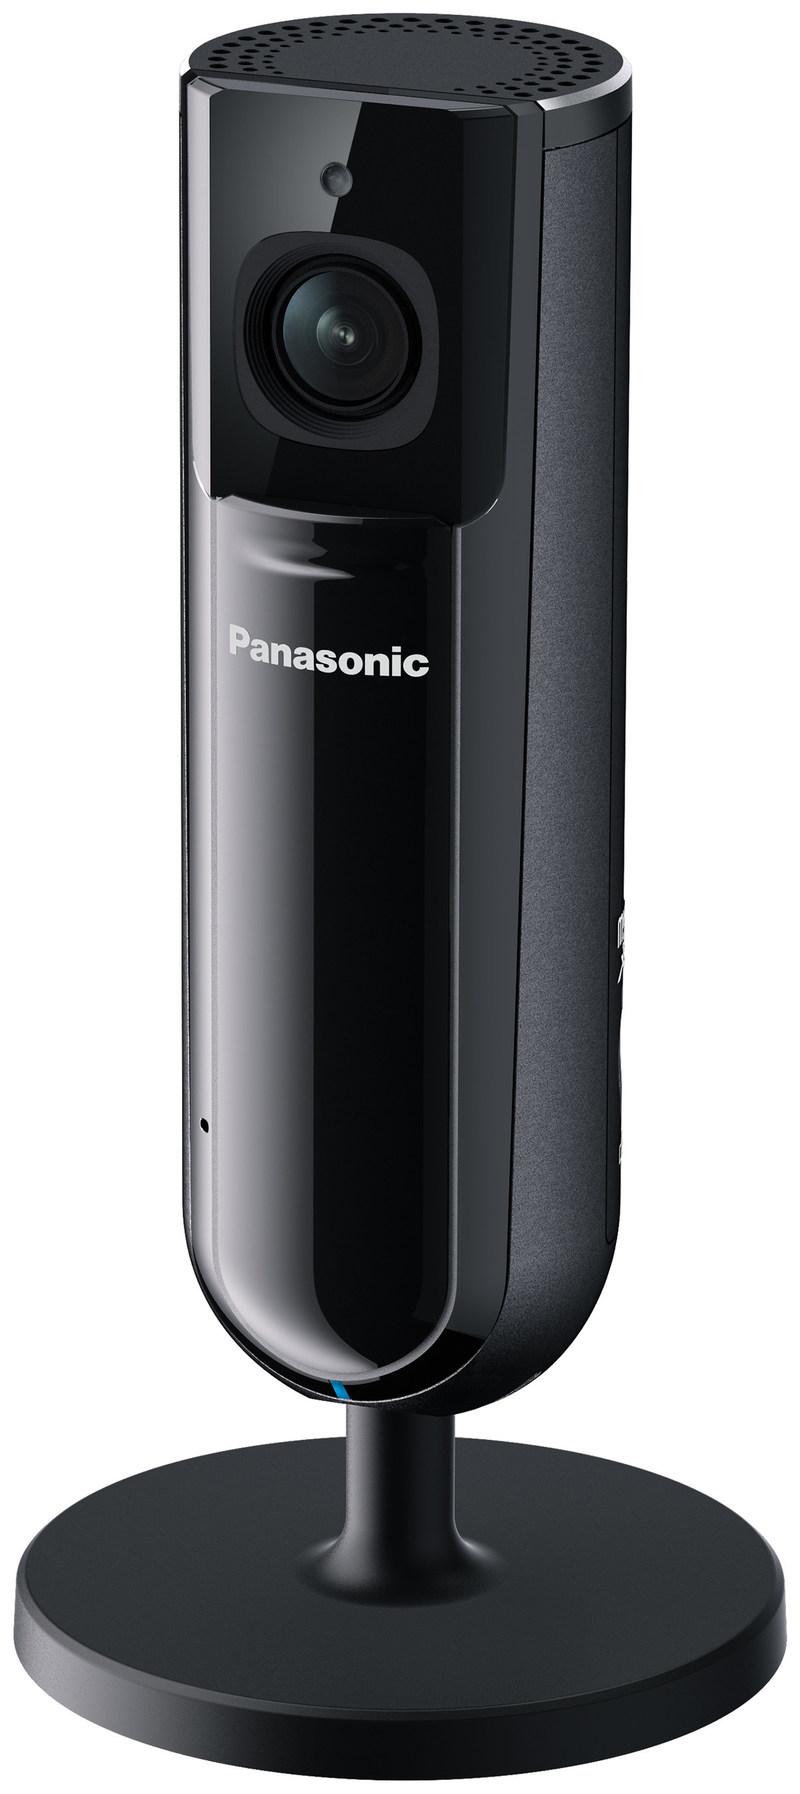 New Panasonic HD Home Monitoring Camera